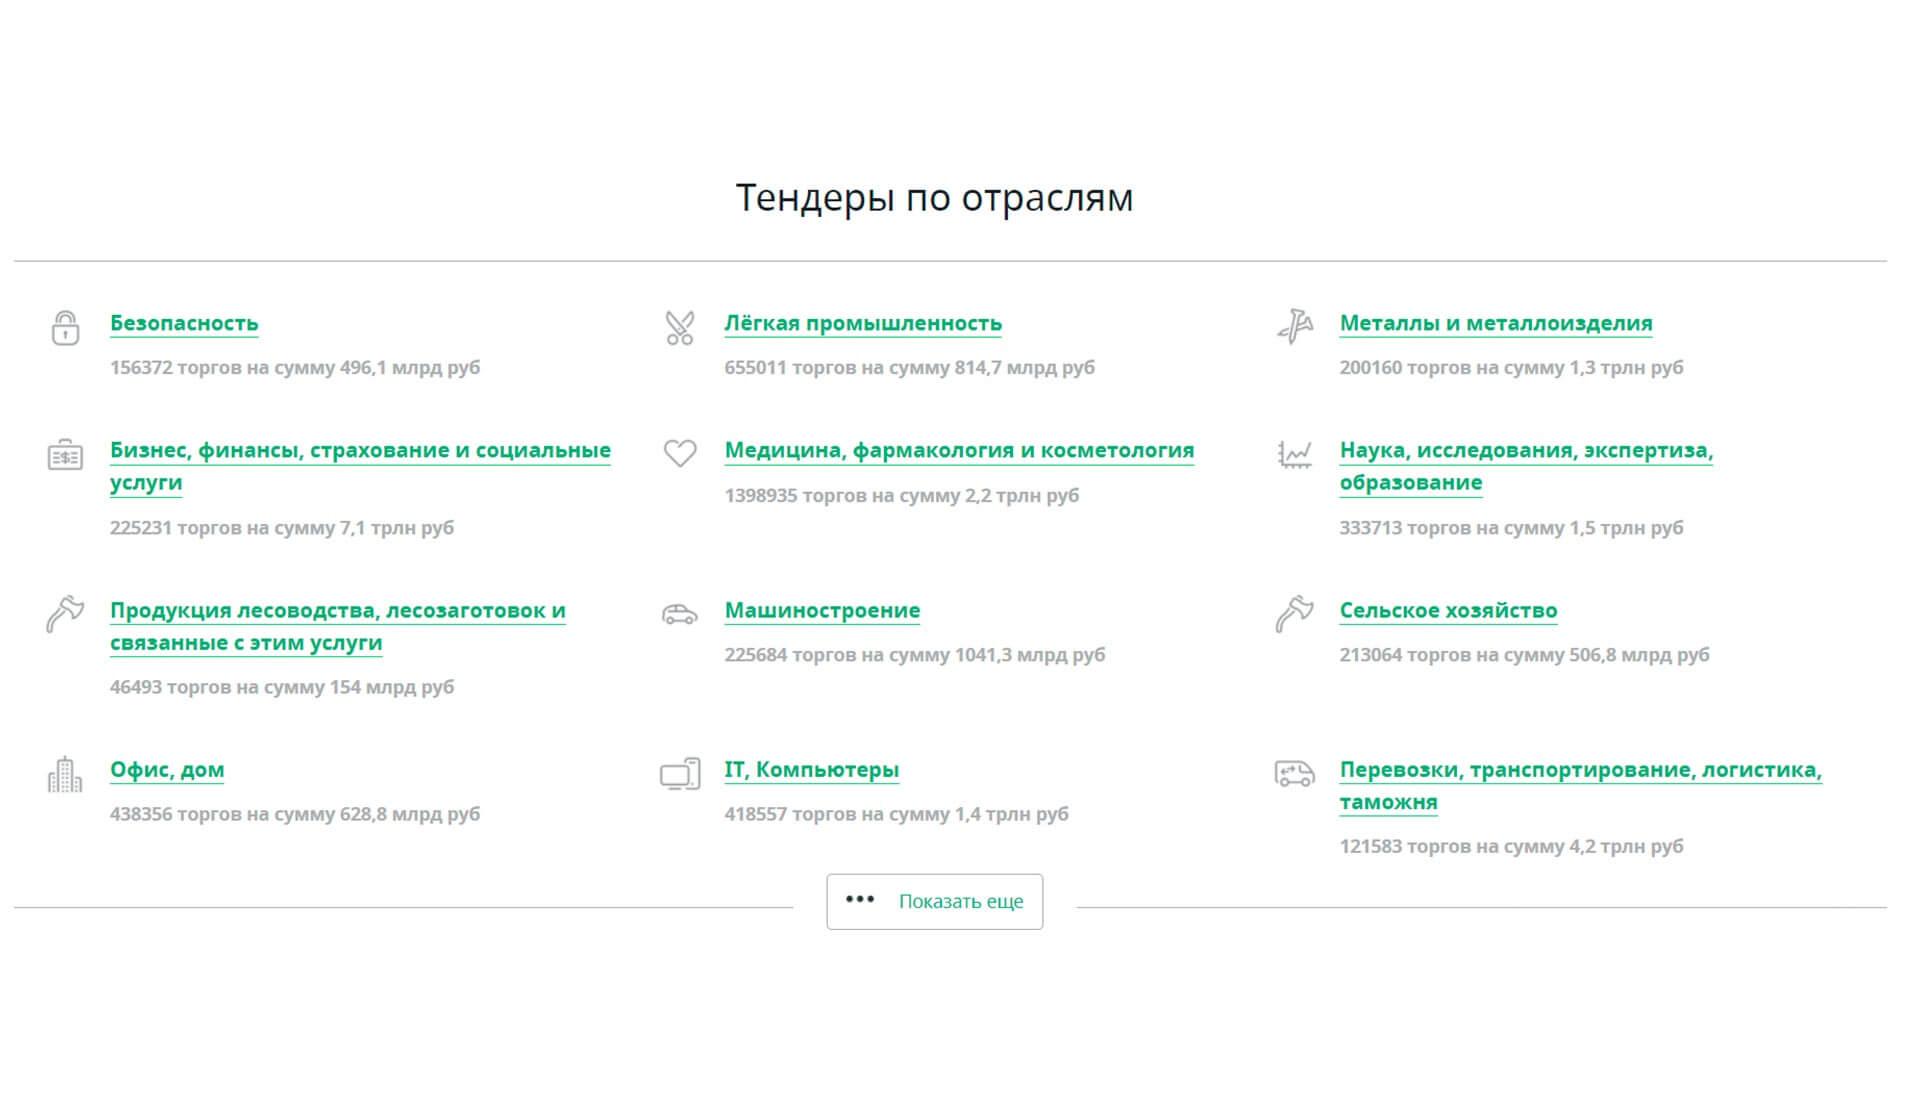 тендеры по отраслям скриншот с сайта